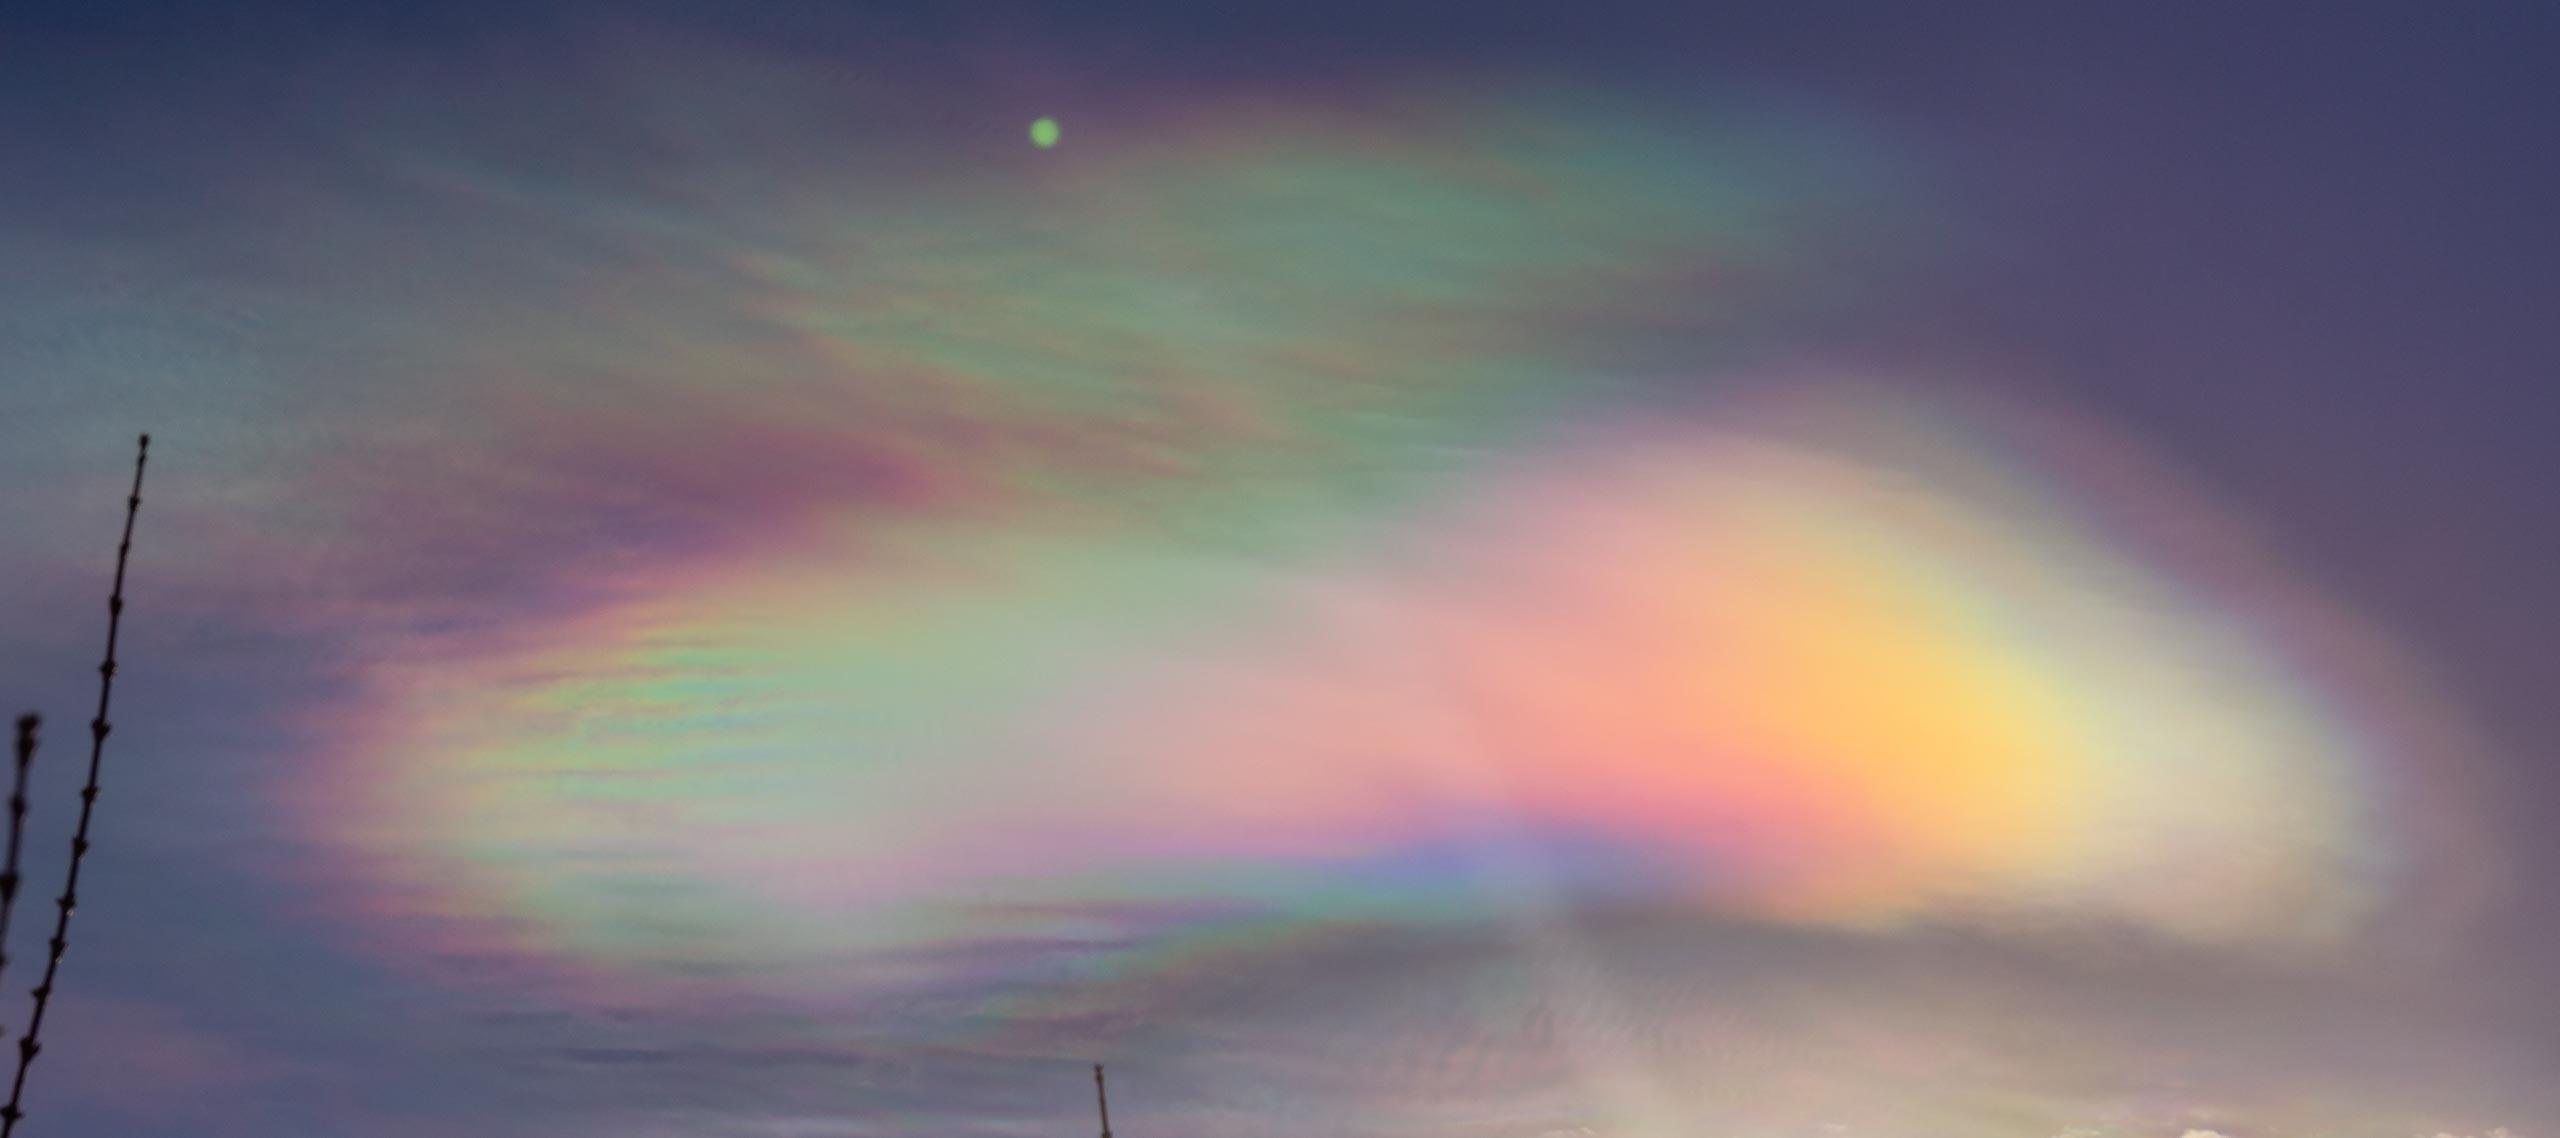 TAT iridescent clouds 003